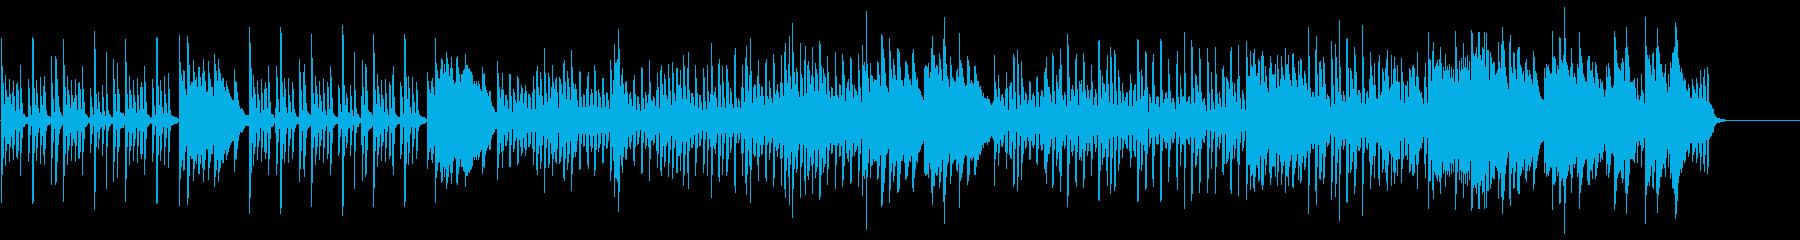 可愛いピアノとストリングスのBGMの再生済みの波形